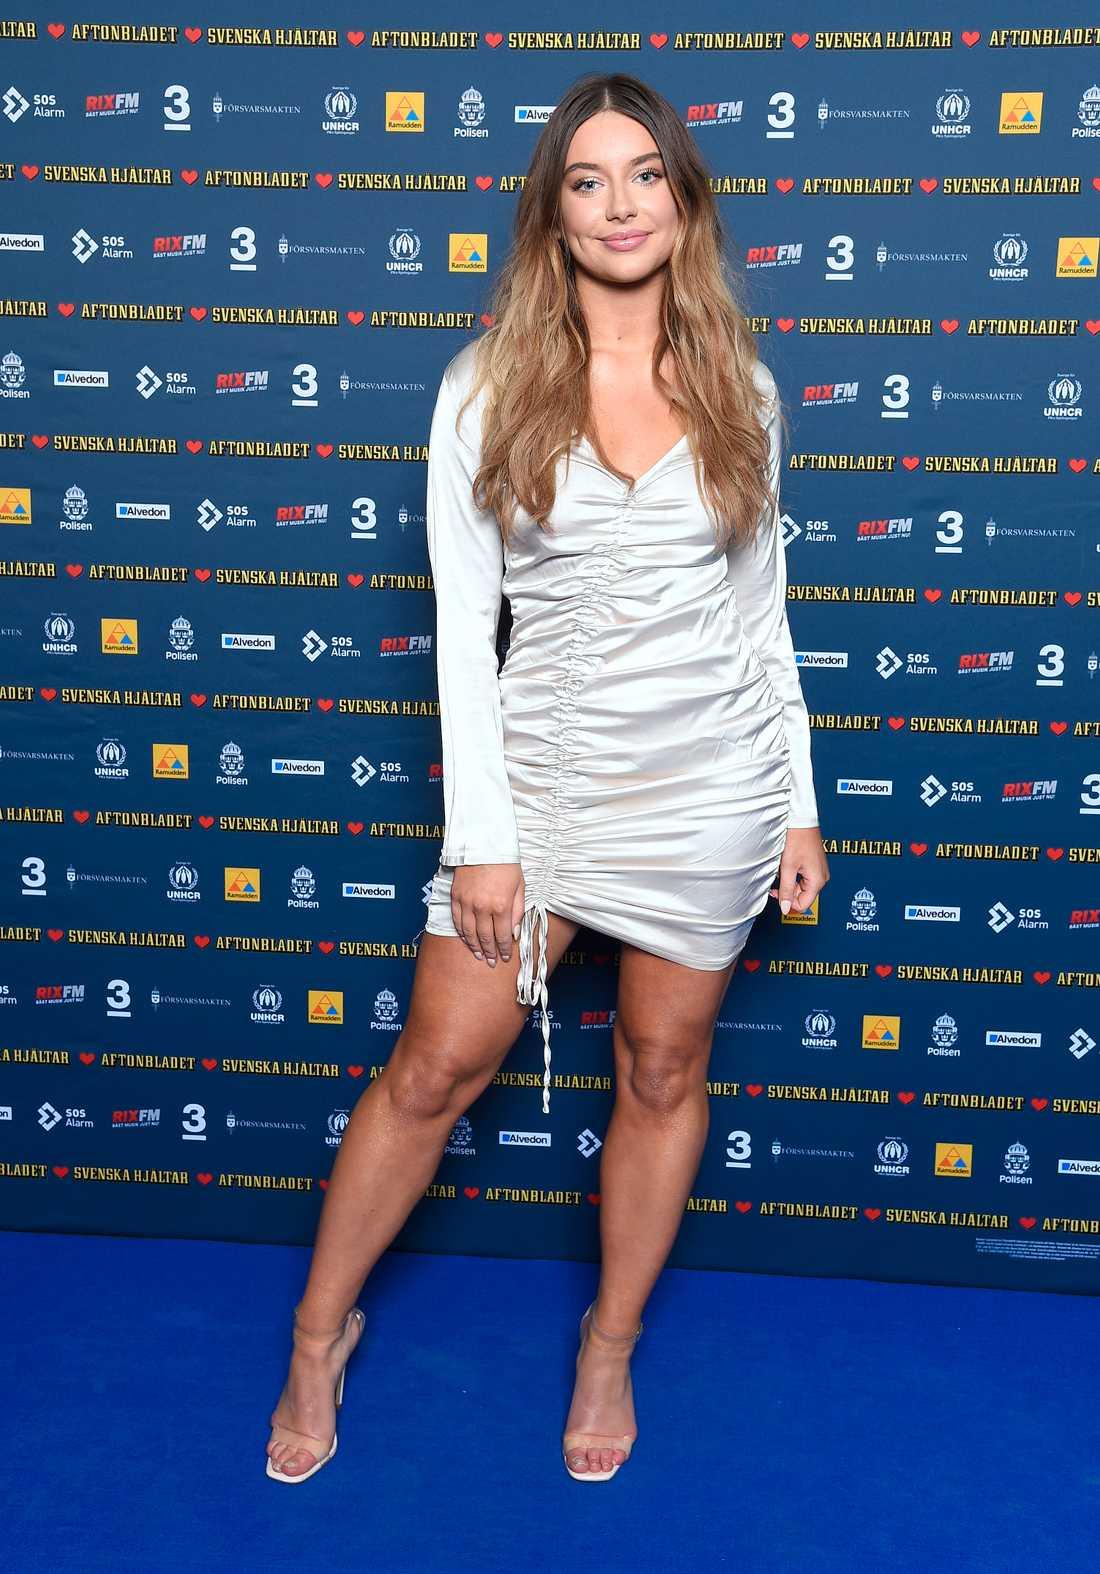 """Hanna Ferm gjorde succé både i """"Idol"""" och i Melodifestivalen. Till galan glänste hon i långärmat vitt."""